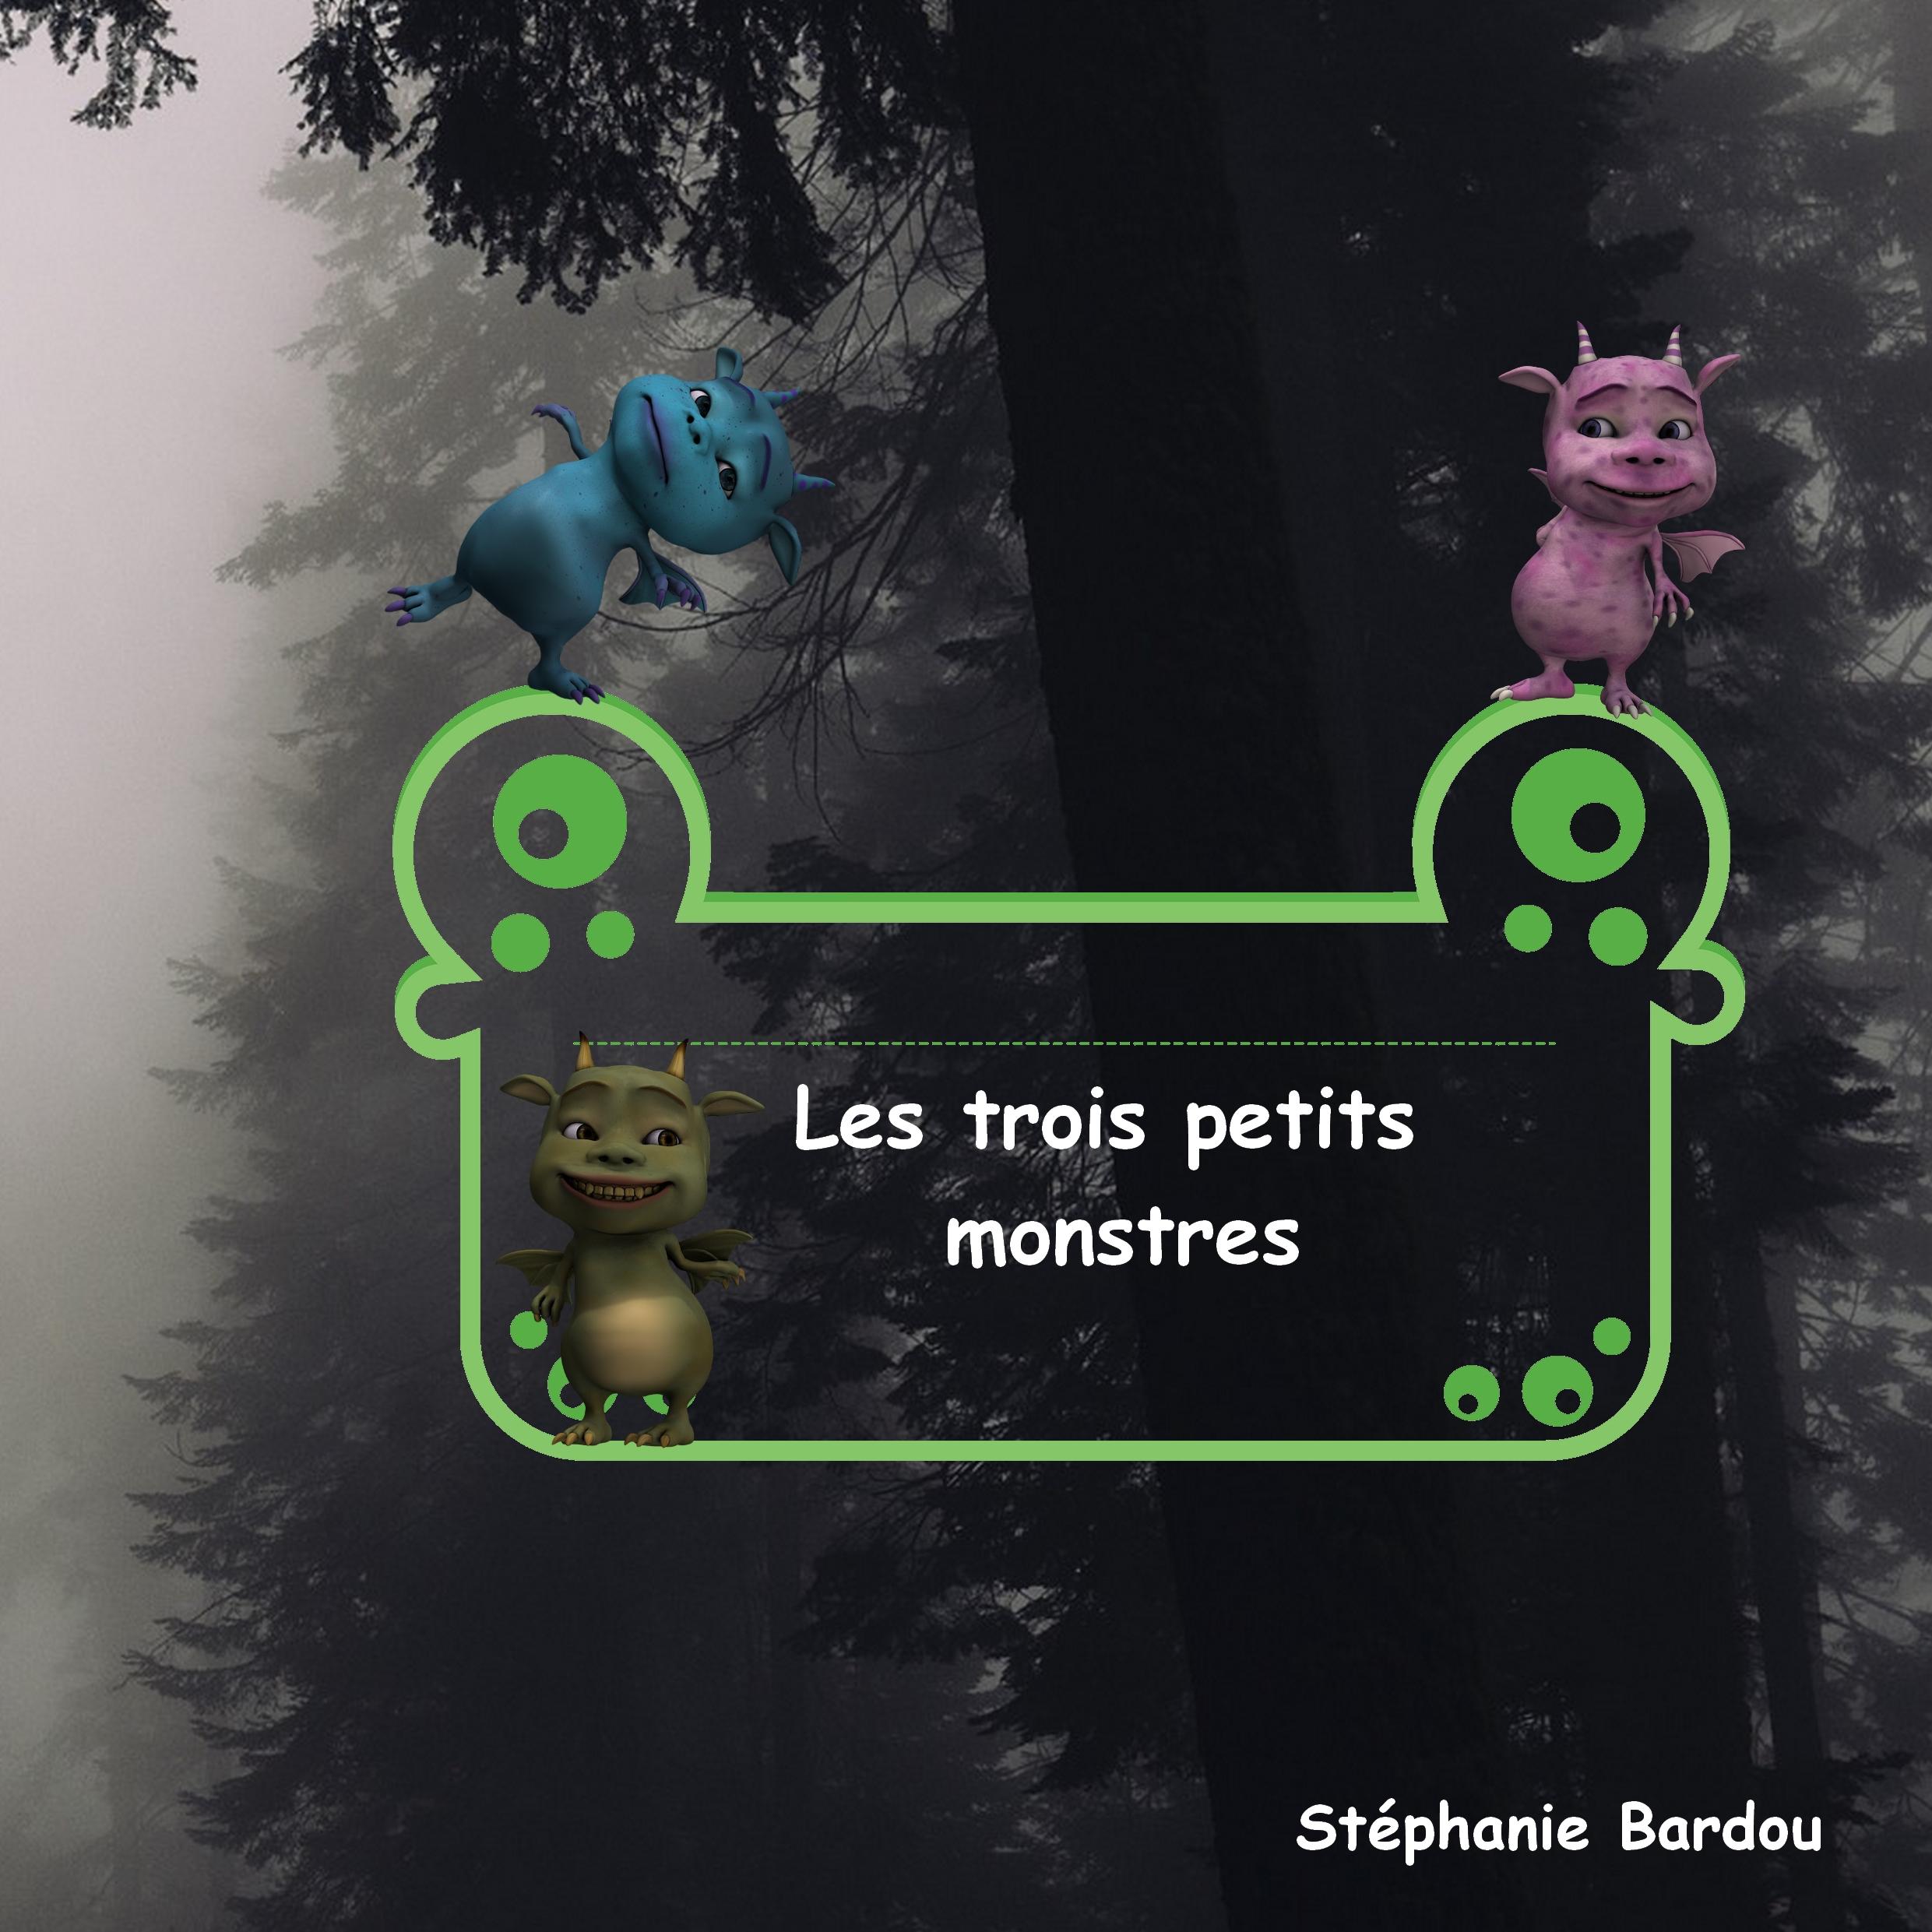 Les trois petits monstres